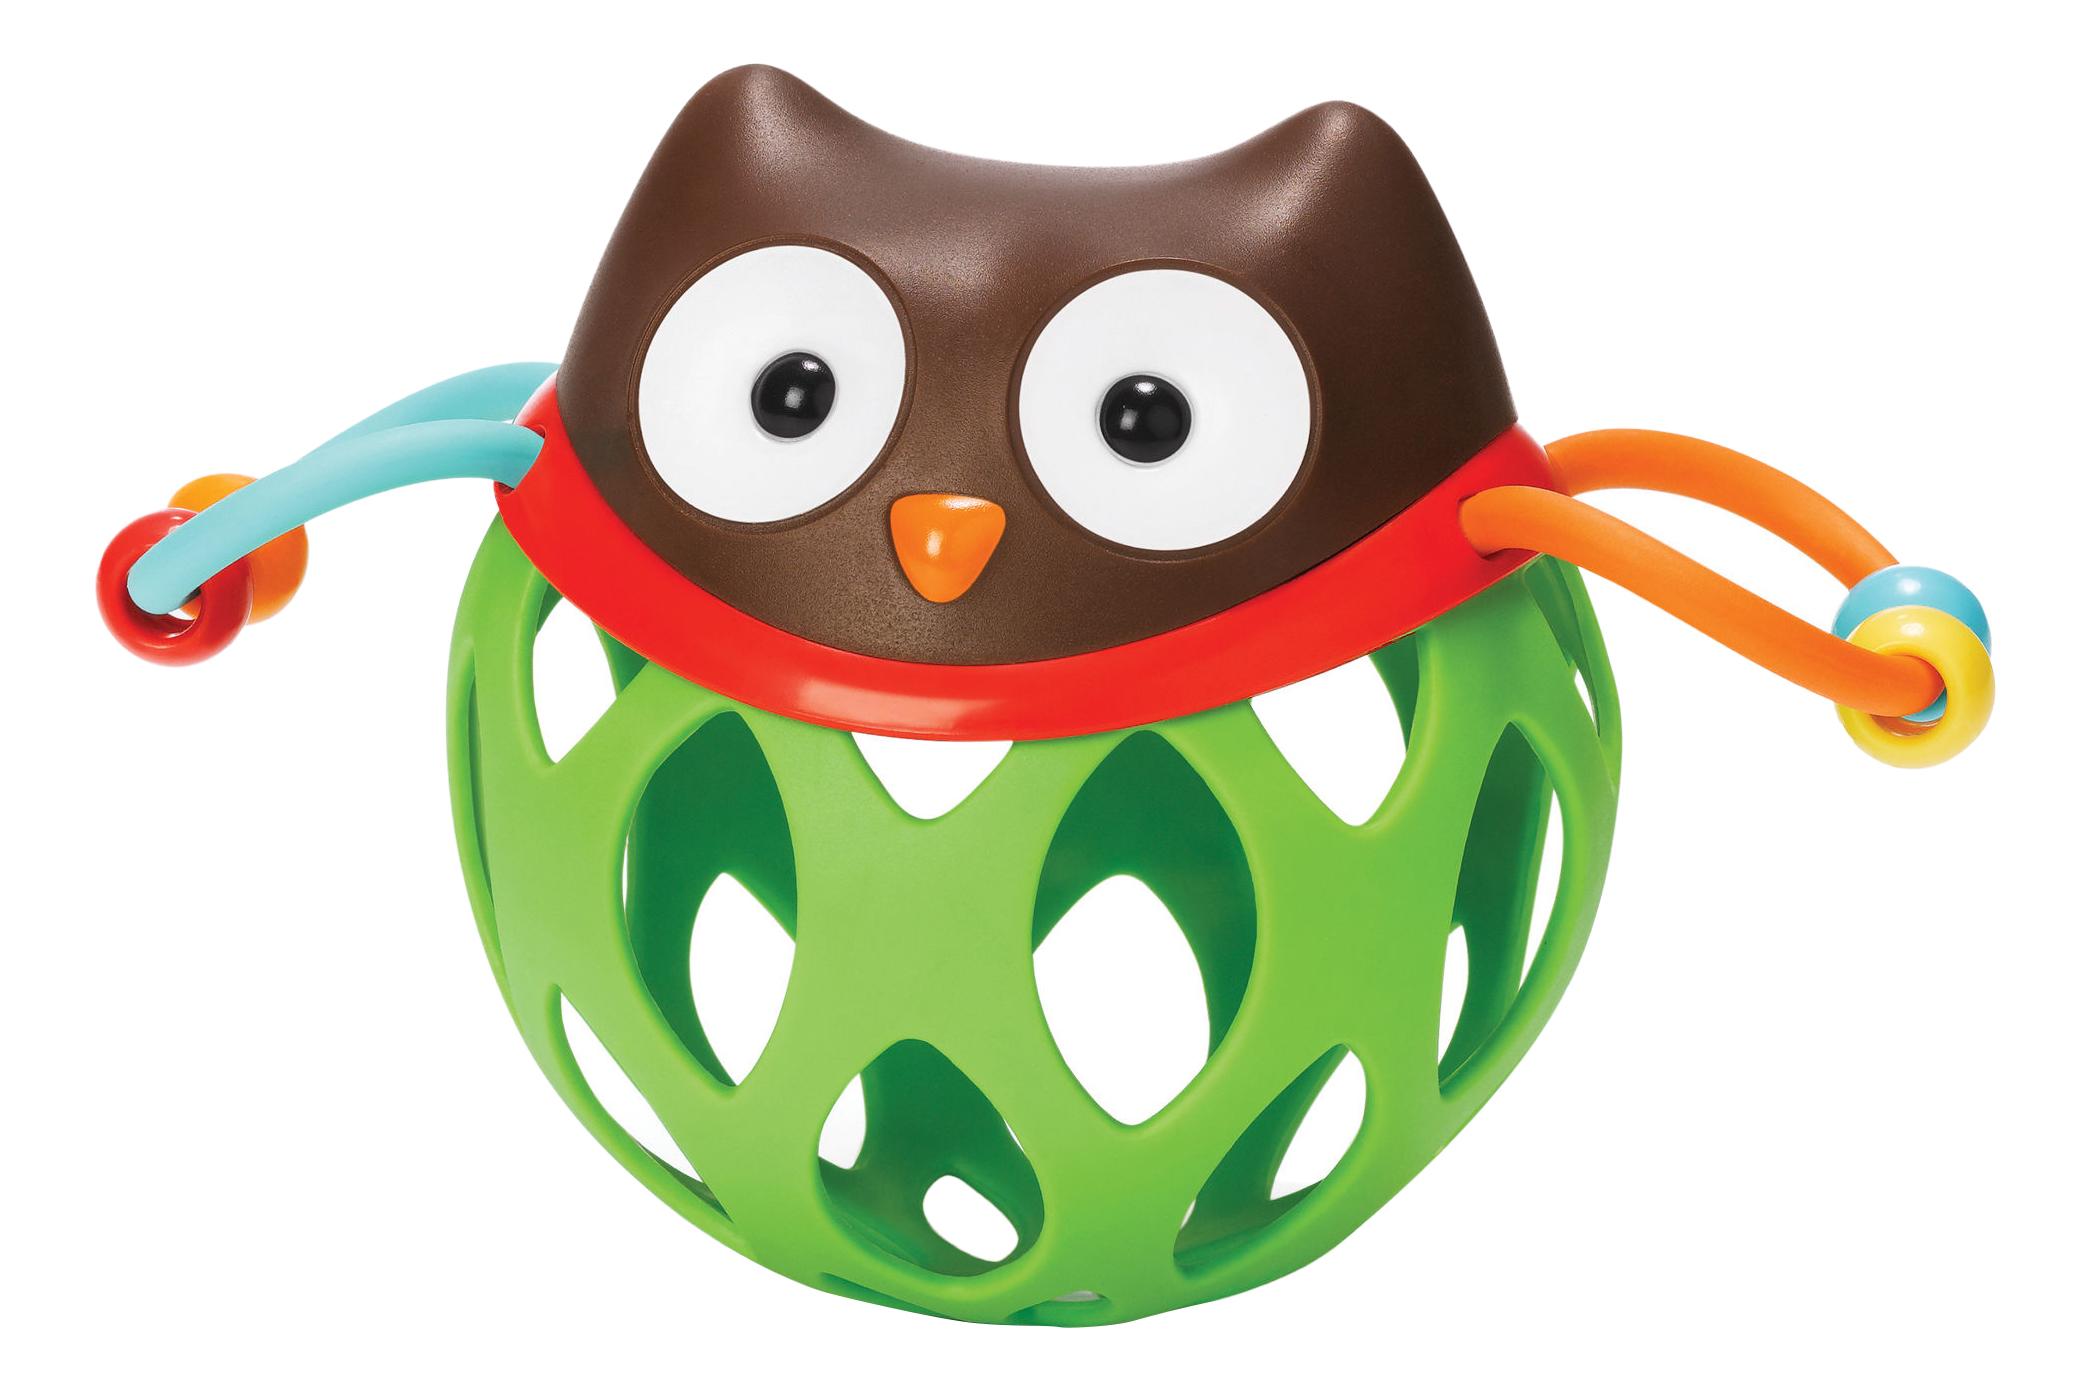 Купить Прорезыватель-погремушка SkipHop Шар сова, Skip Hop, Прорезыватели